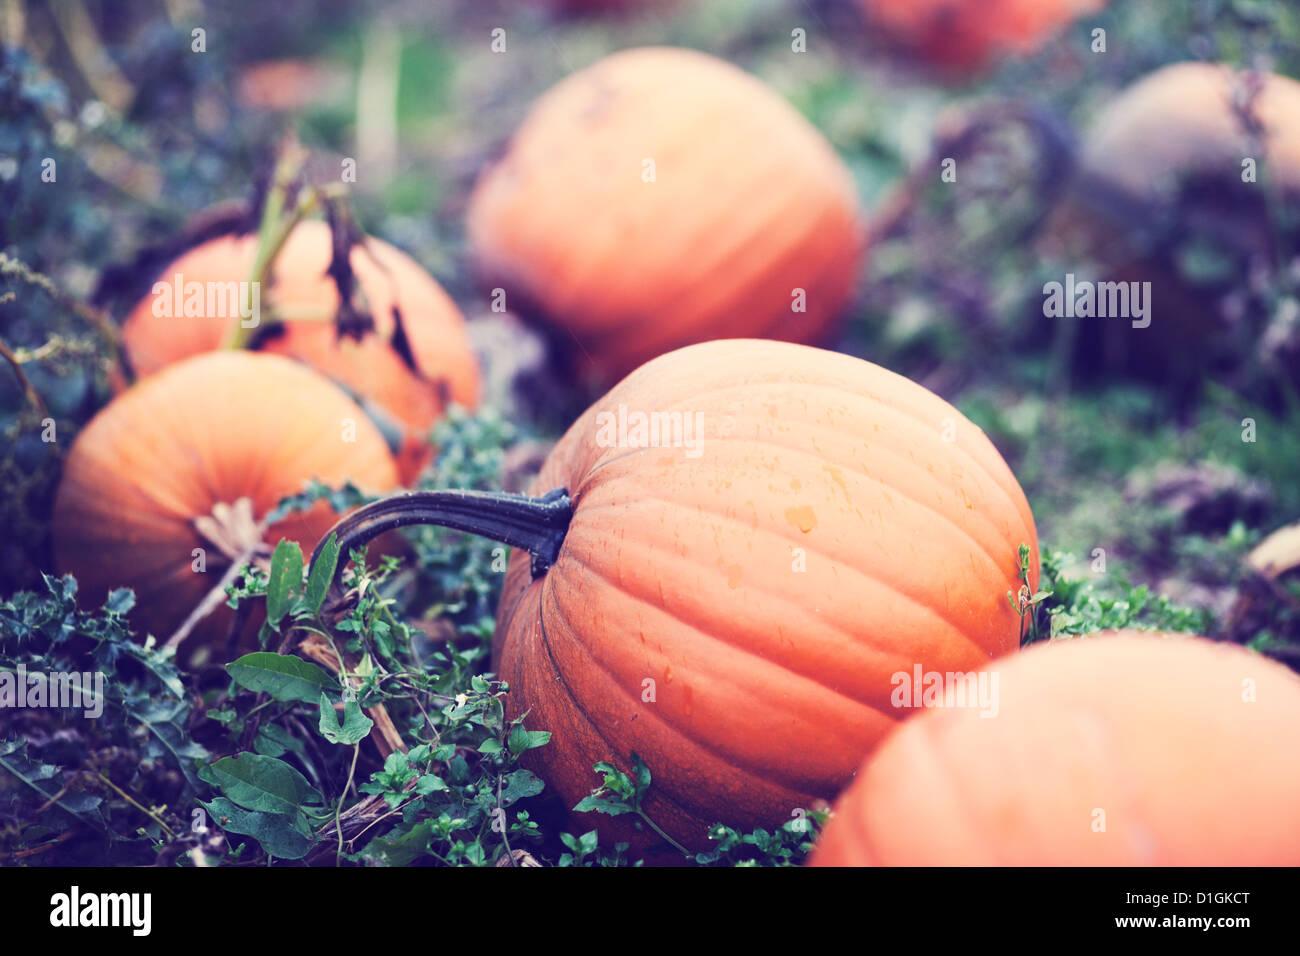 Cerca de calabazas naranja calabaza en un campo. Imagen De Stock